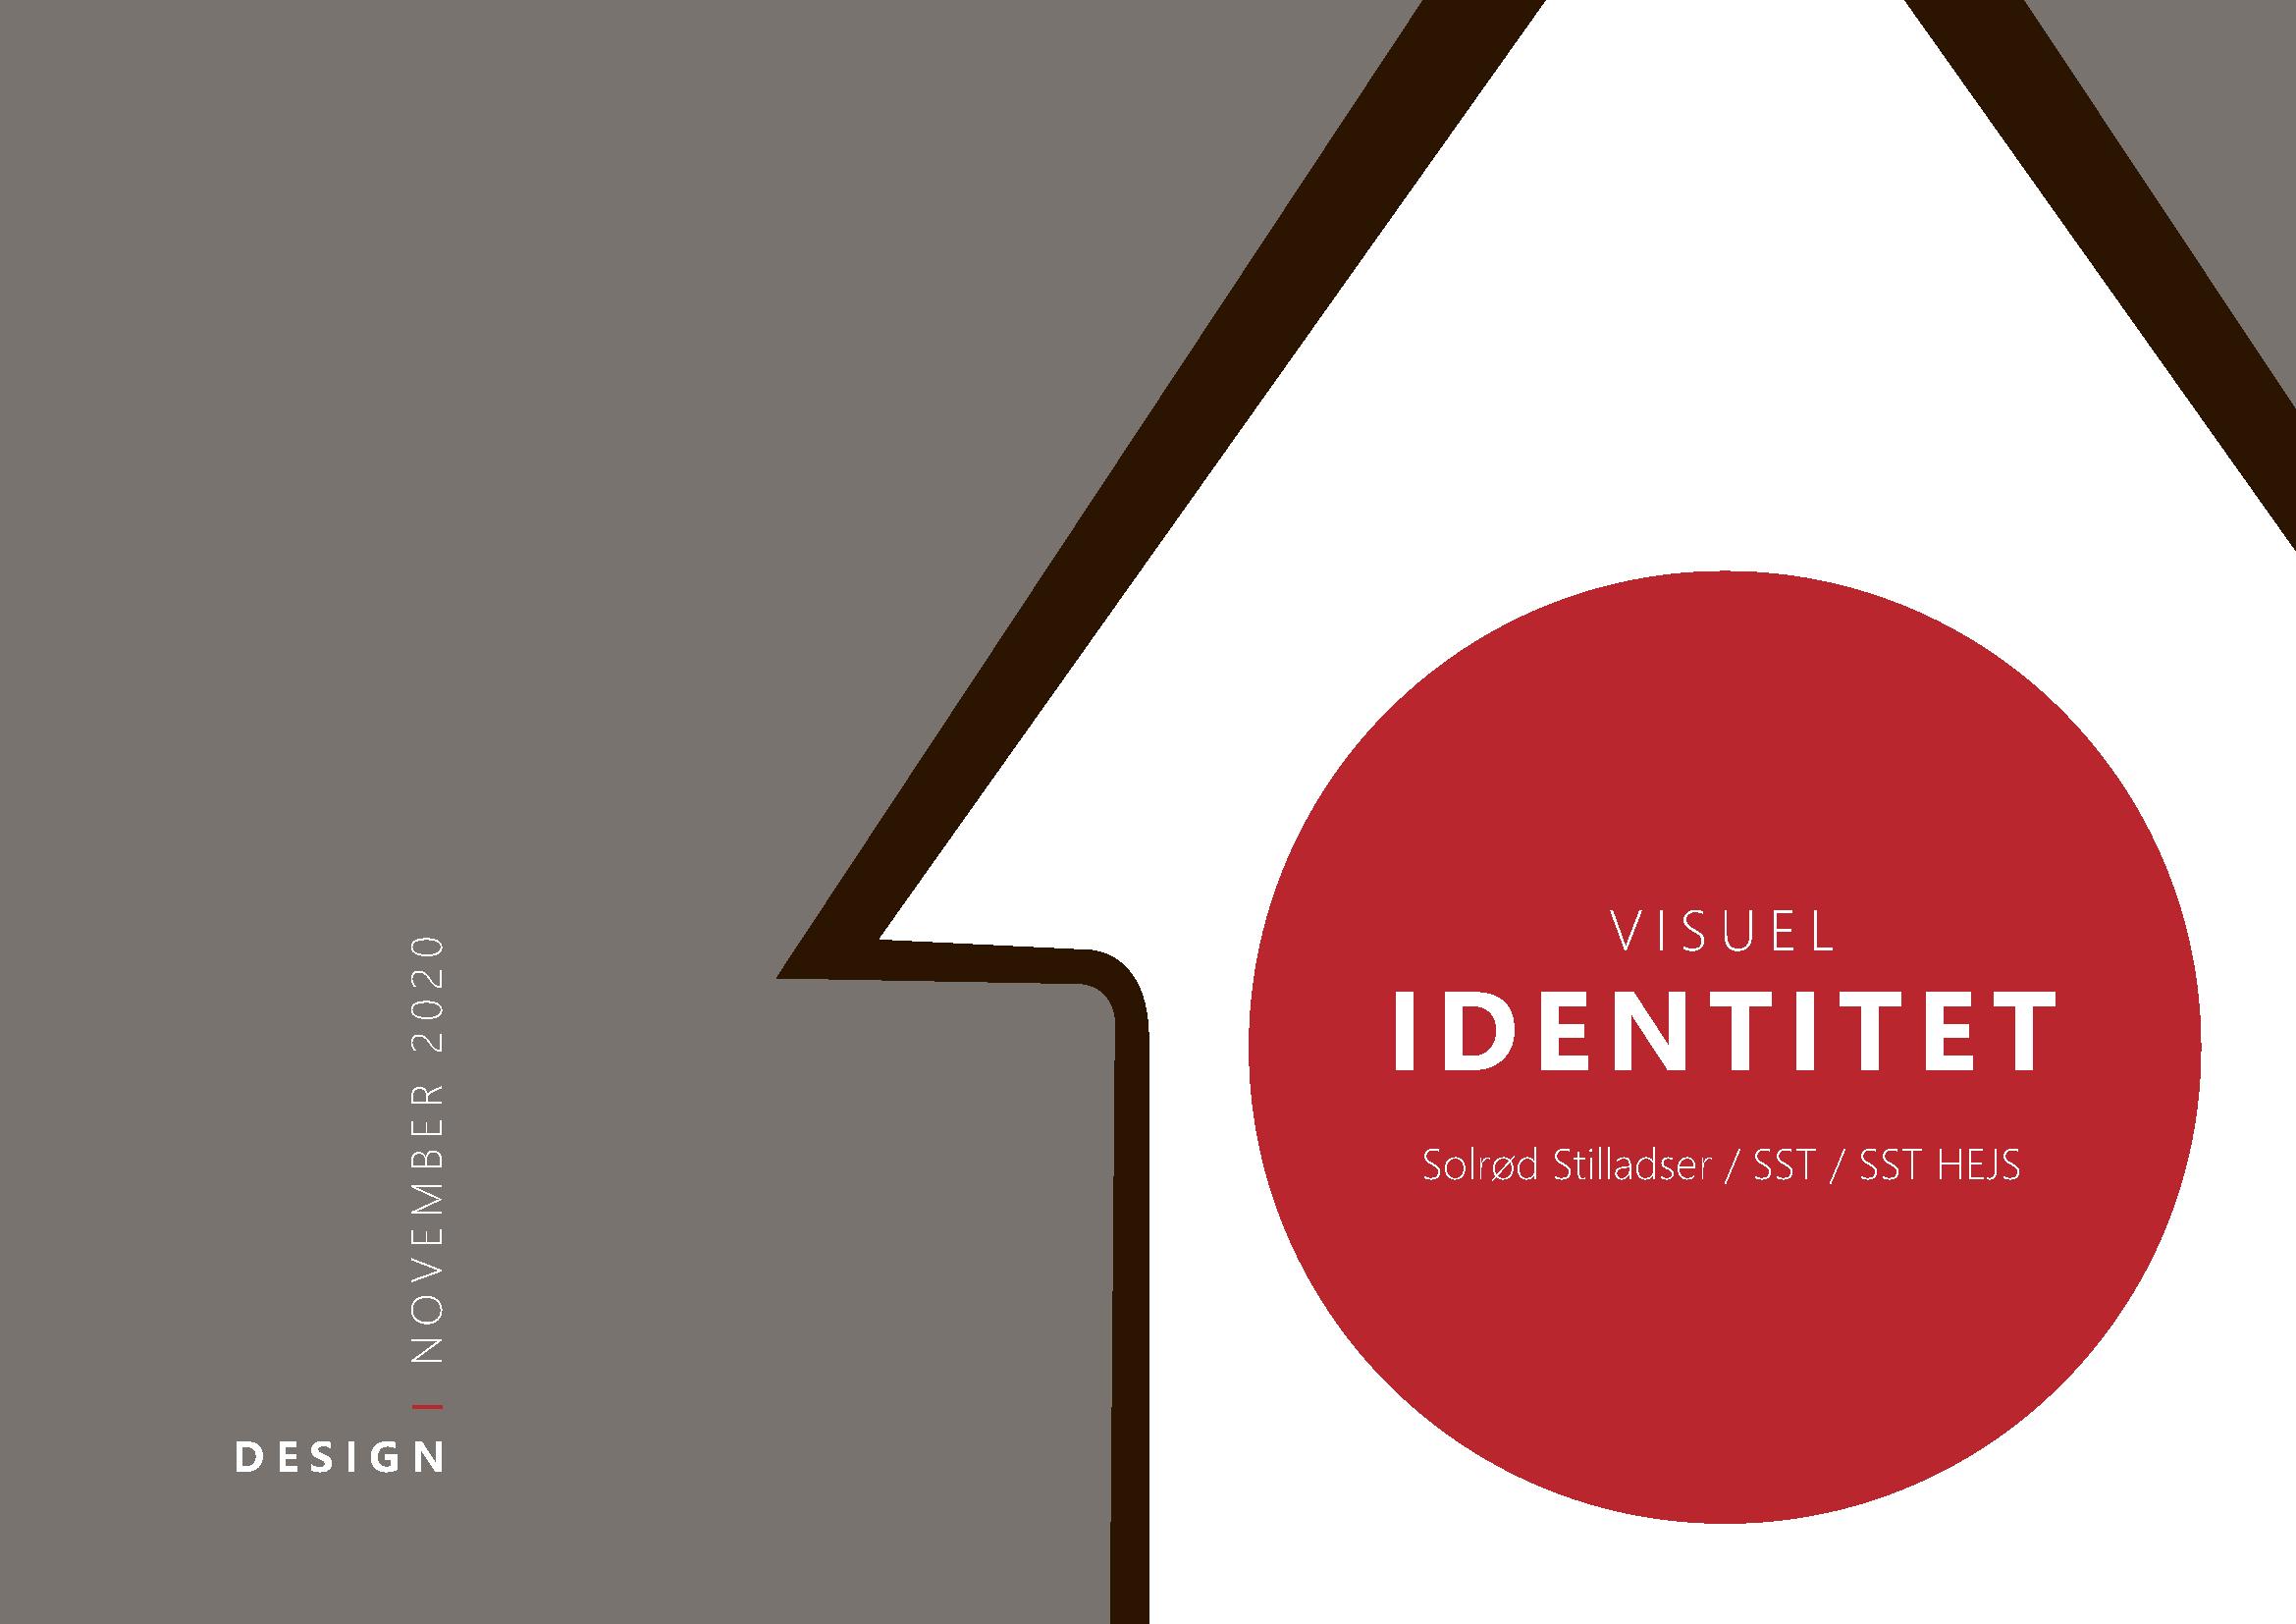 Designguide for Solrød Stilladser, SST og SST HEJS Visuel Identitet